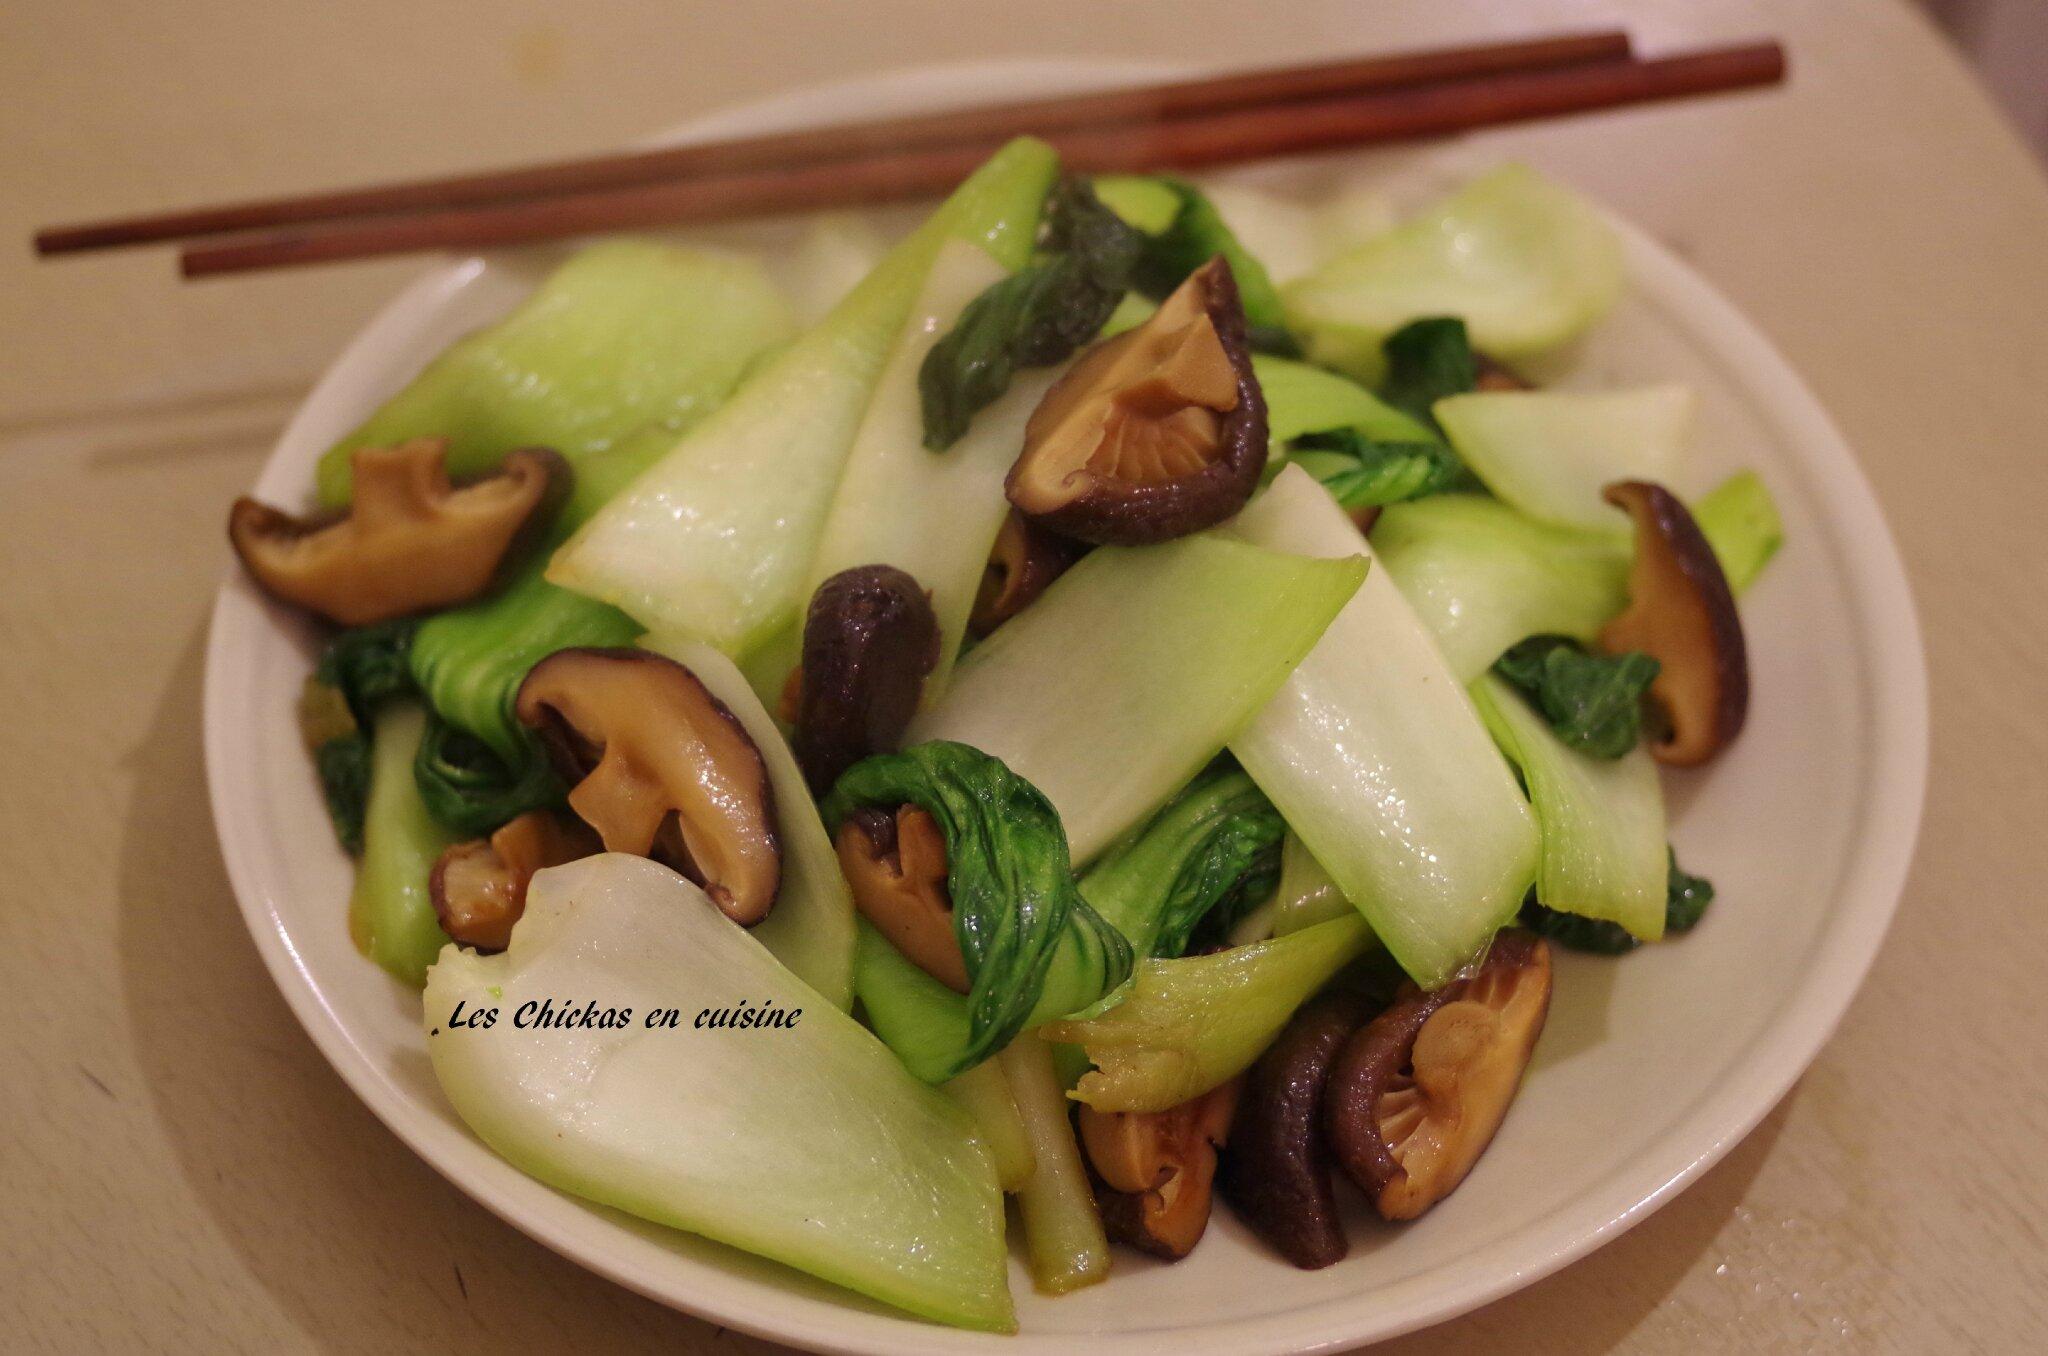 Bonne nouvelle ann e lunaire joyeuse f te du - Cuisiner du choux chinois ...